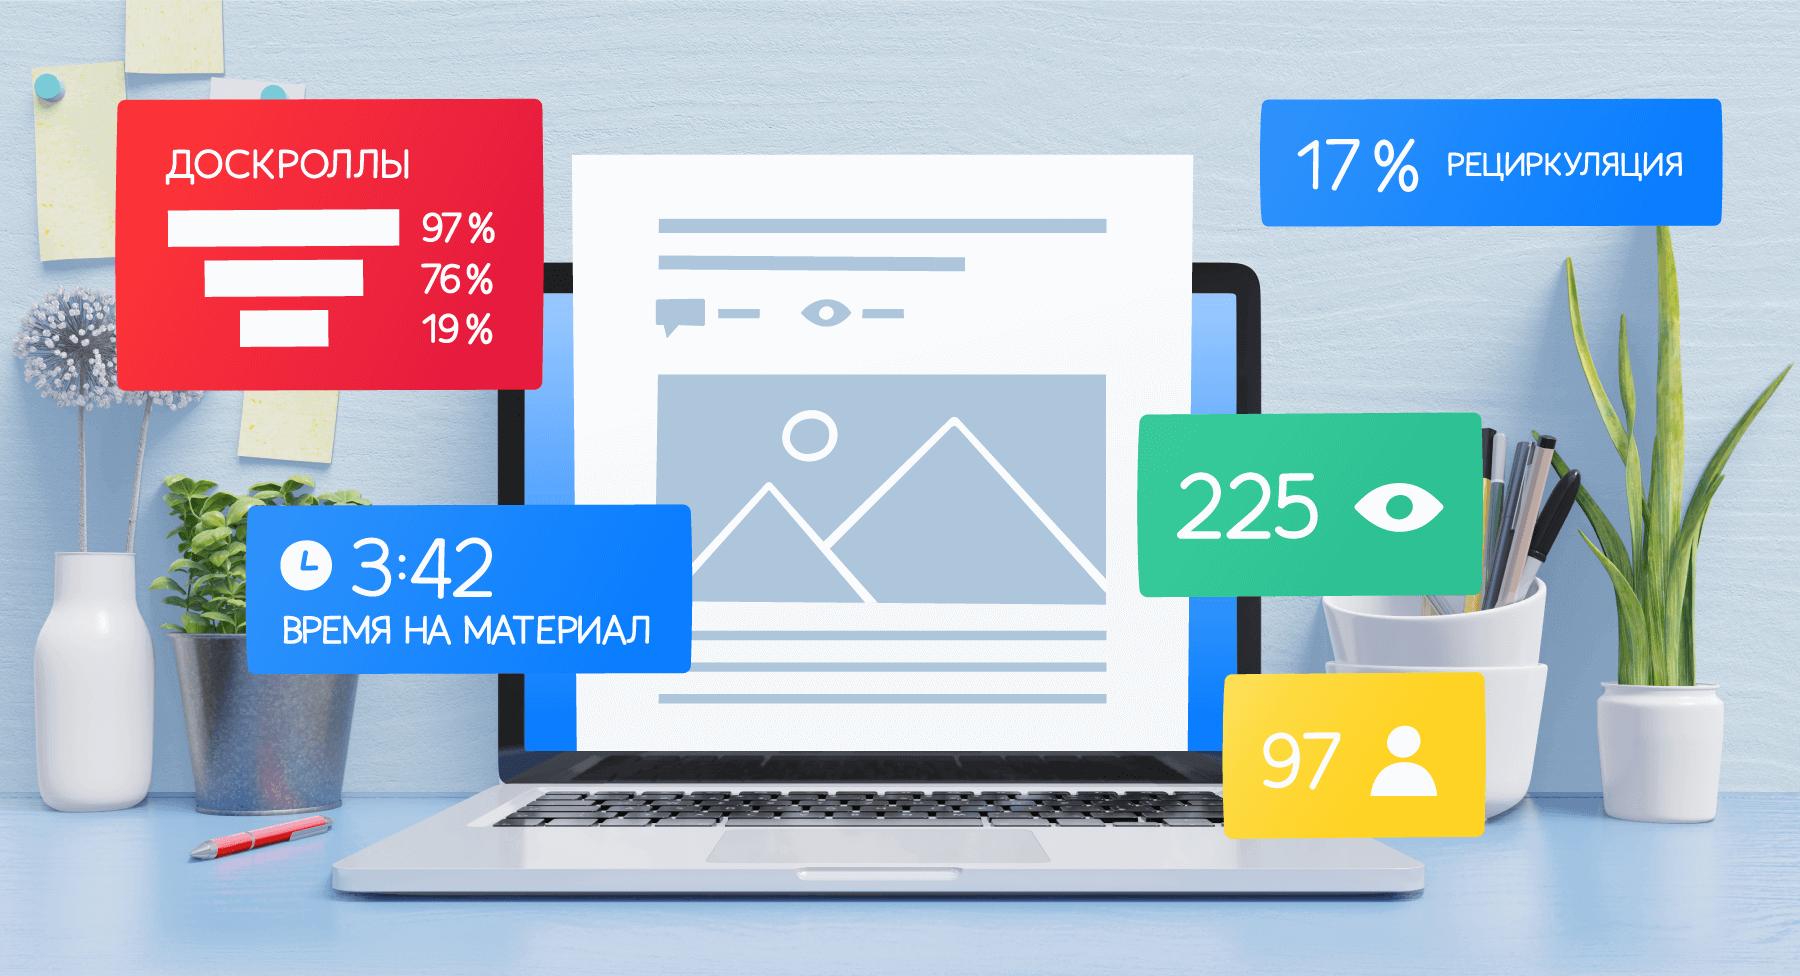 Яндекс.Метрика выкатила отчеты по контенту для онлайн-изданий и блогов